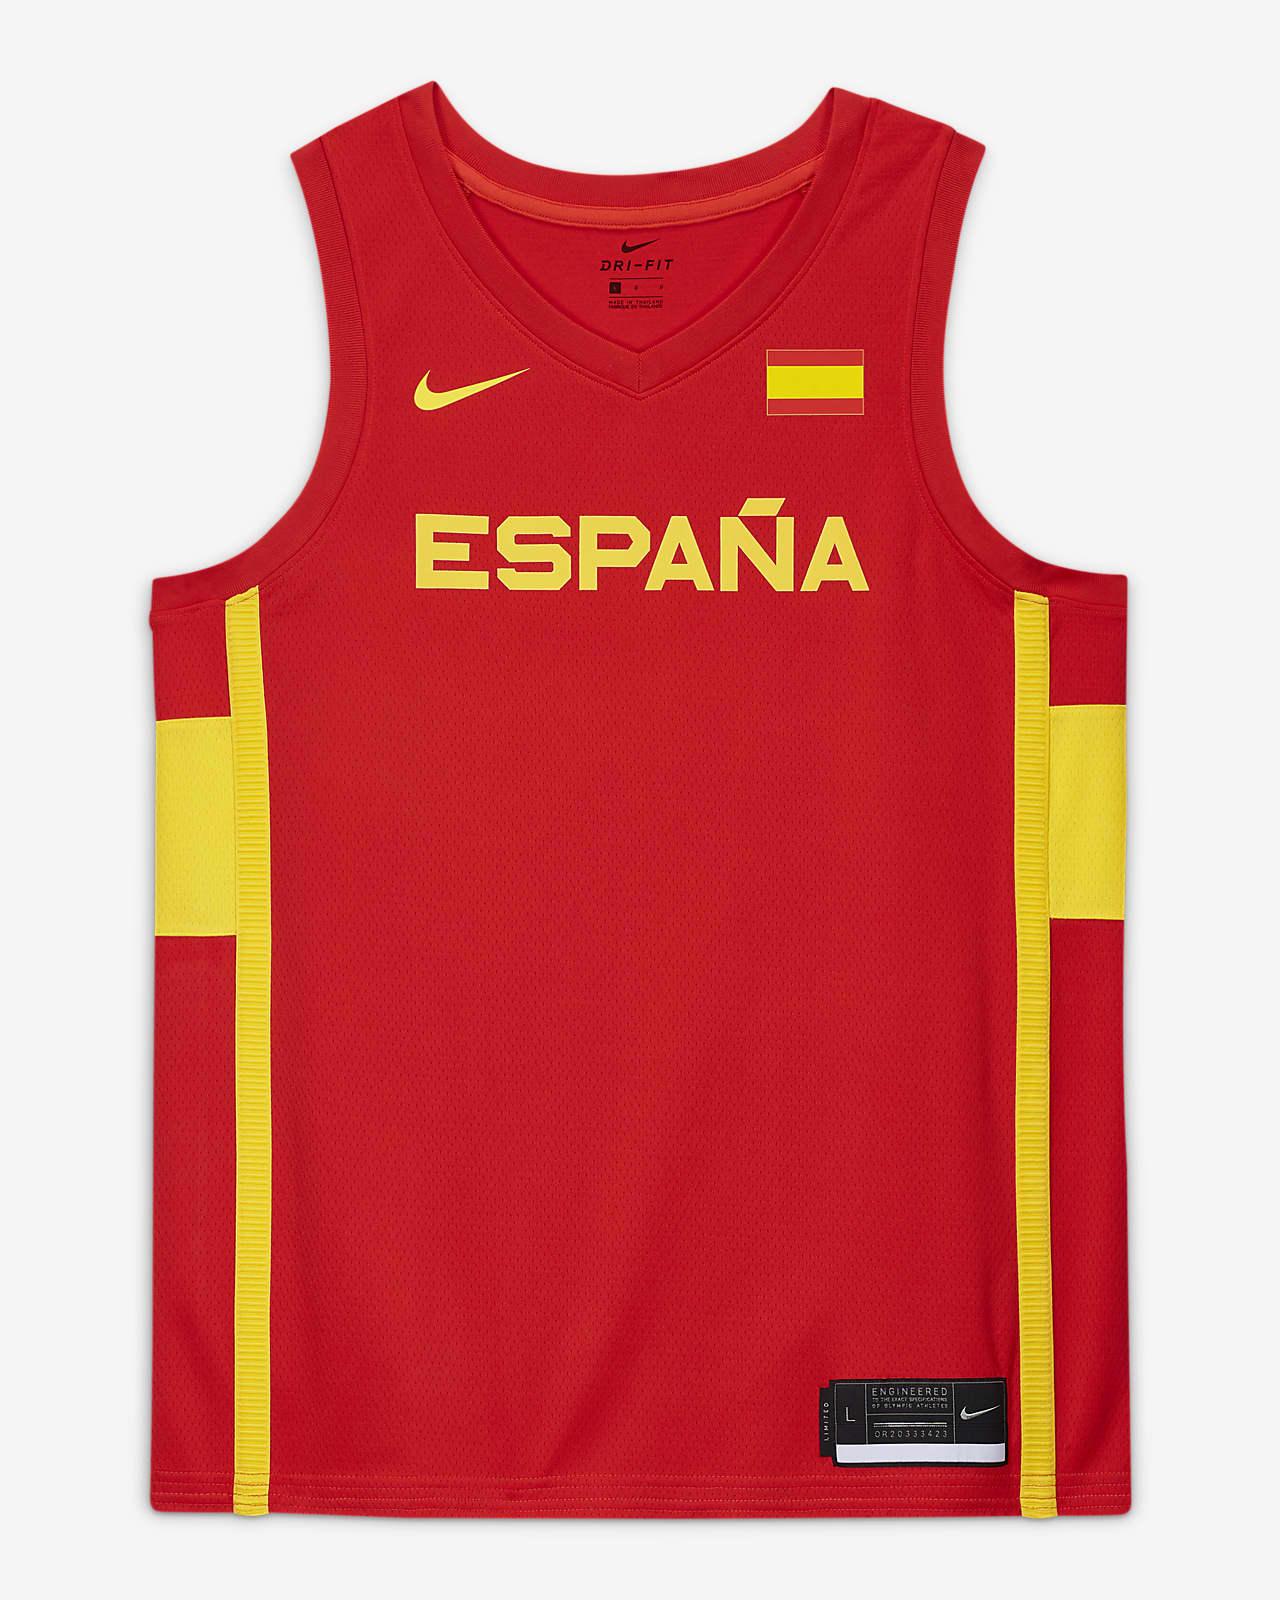 Spanien Nike (Road) Limited Nike Herren-Basketballtrikot